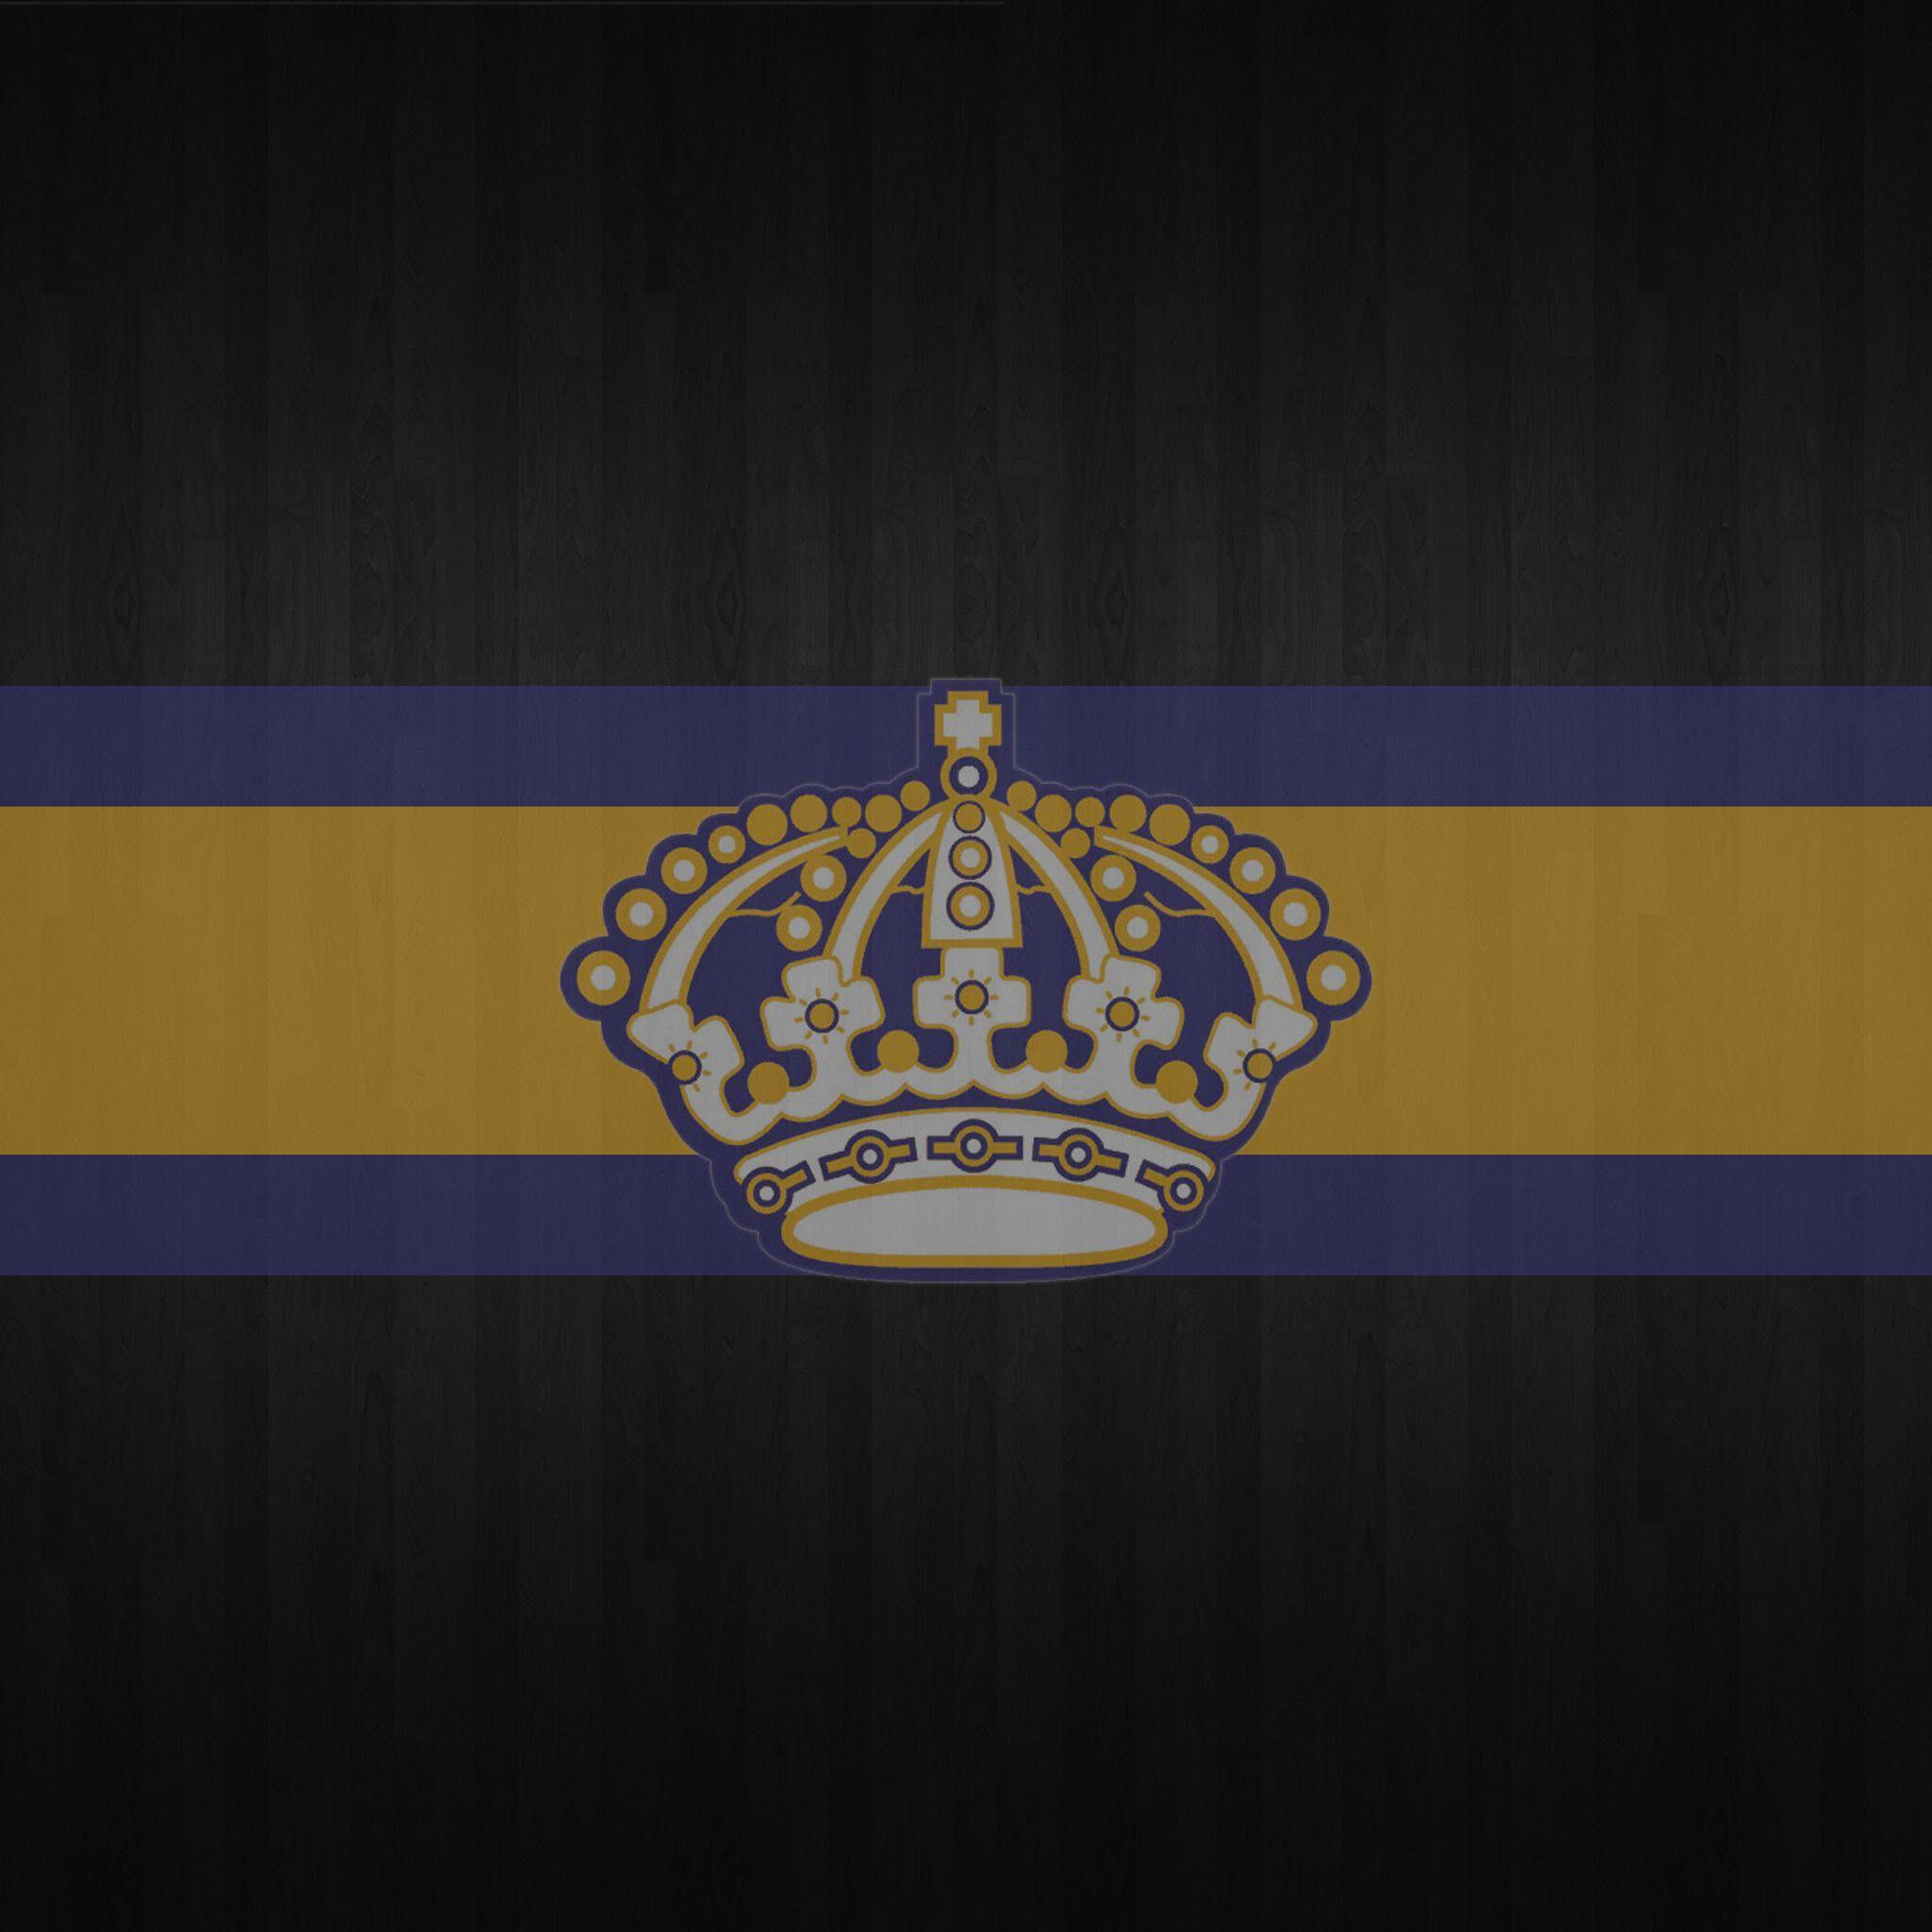 La Kings Iphone 5 Wallpapers Top Free La Kings Iphone 5